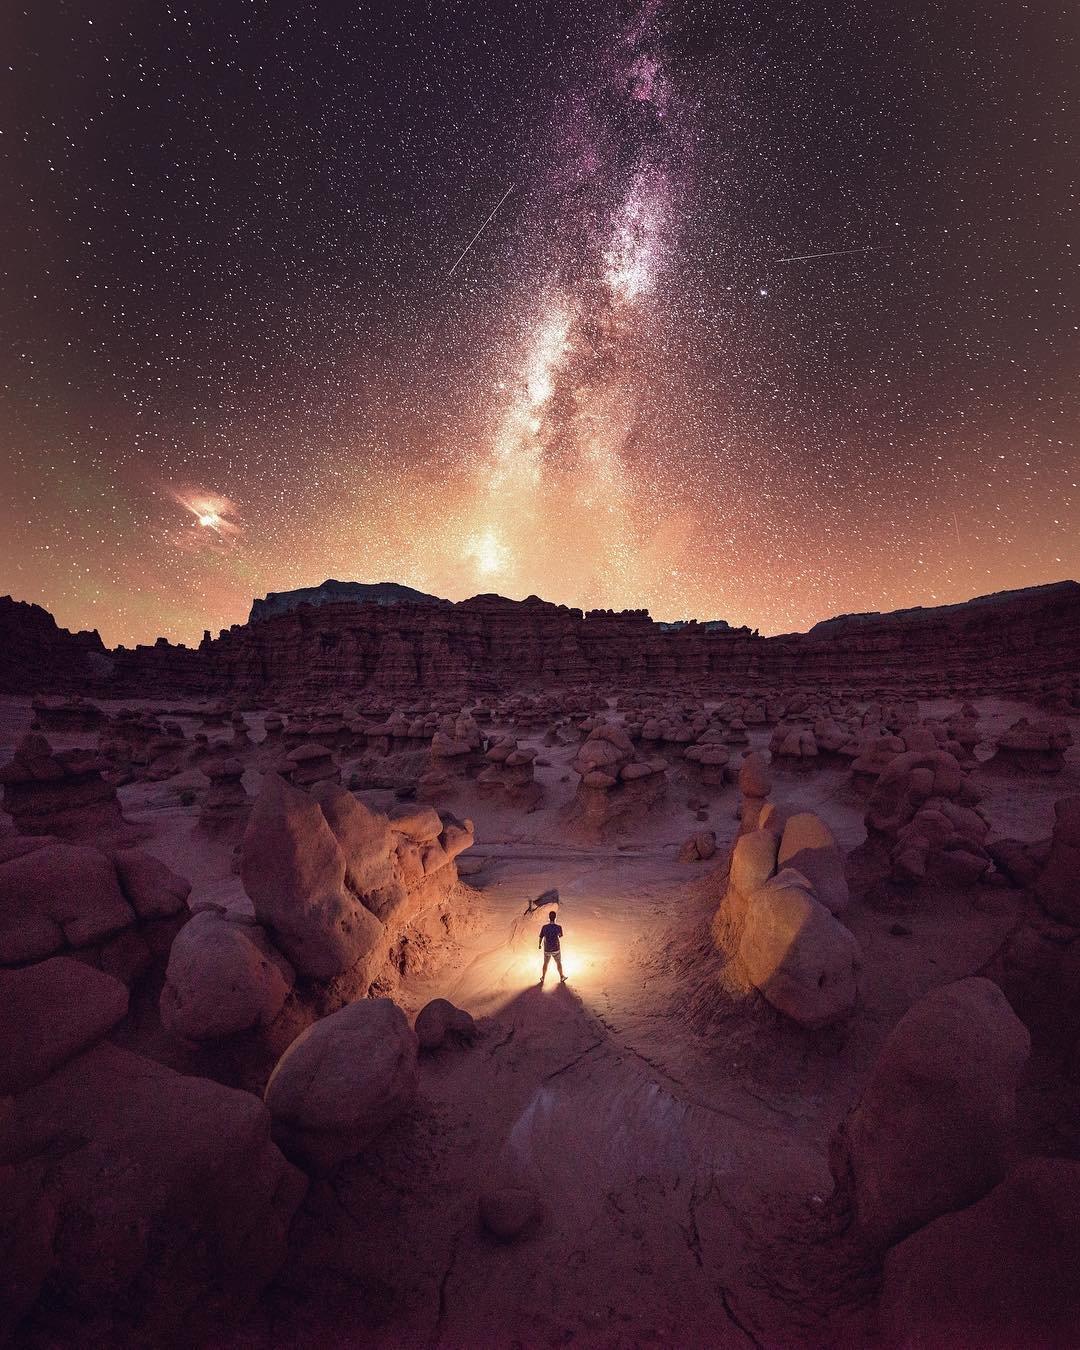 необычные ночные фото способны по-настоящему